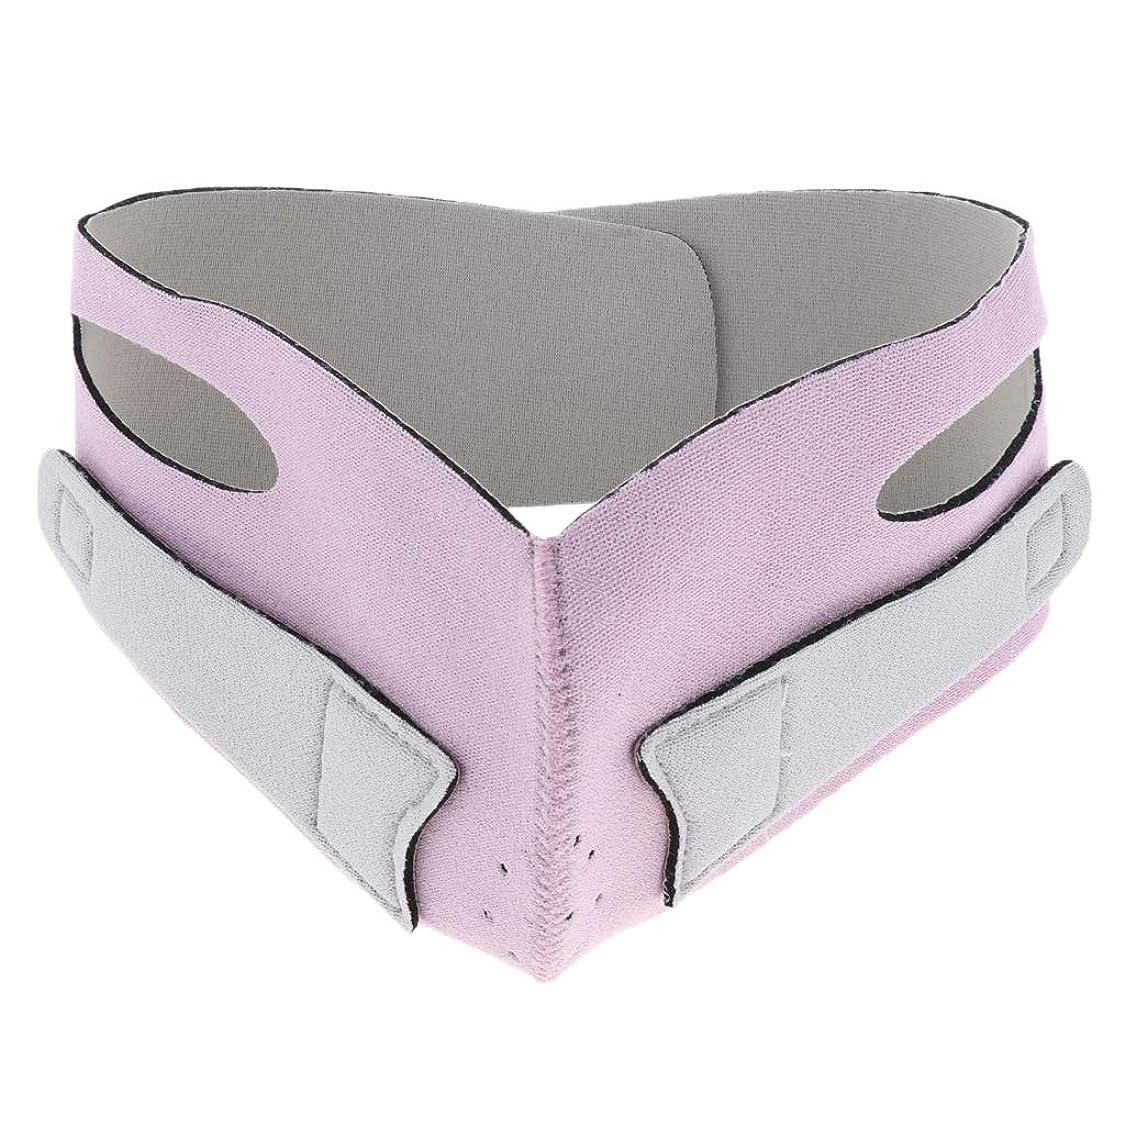 正当な明確な不快D DOLITY 引き上げマスク 頬リフトアップ V-ラインマスク リフティング リフトスリムマスク 通気性 全2色 - ピンク